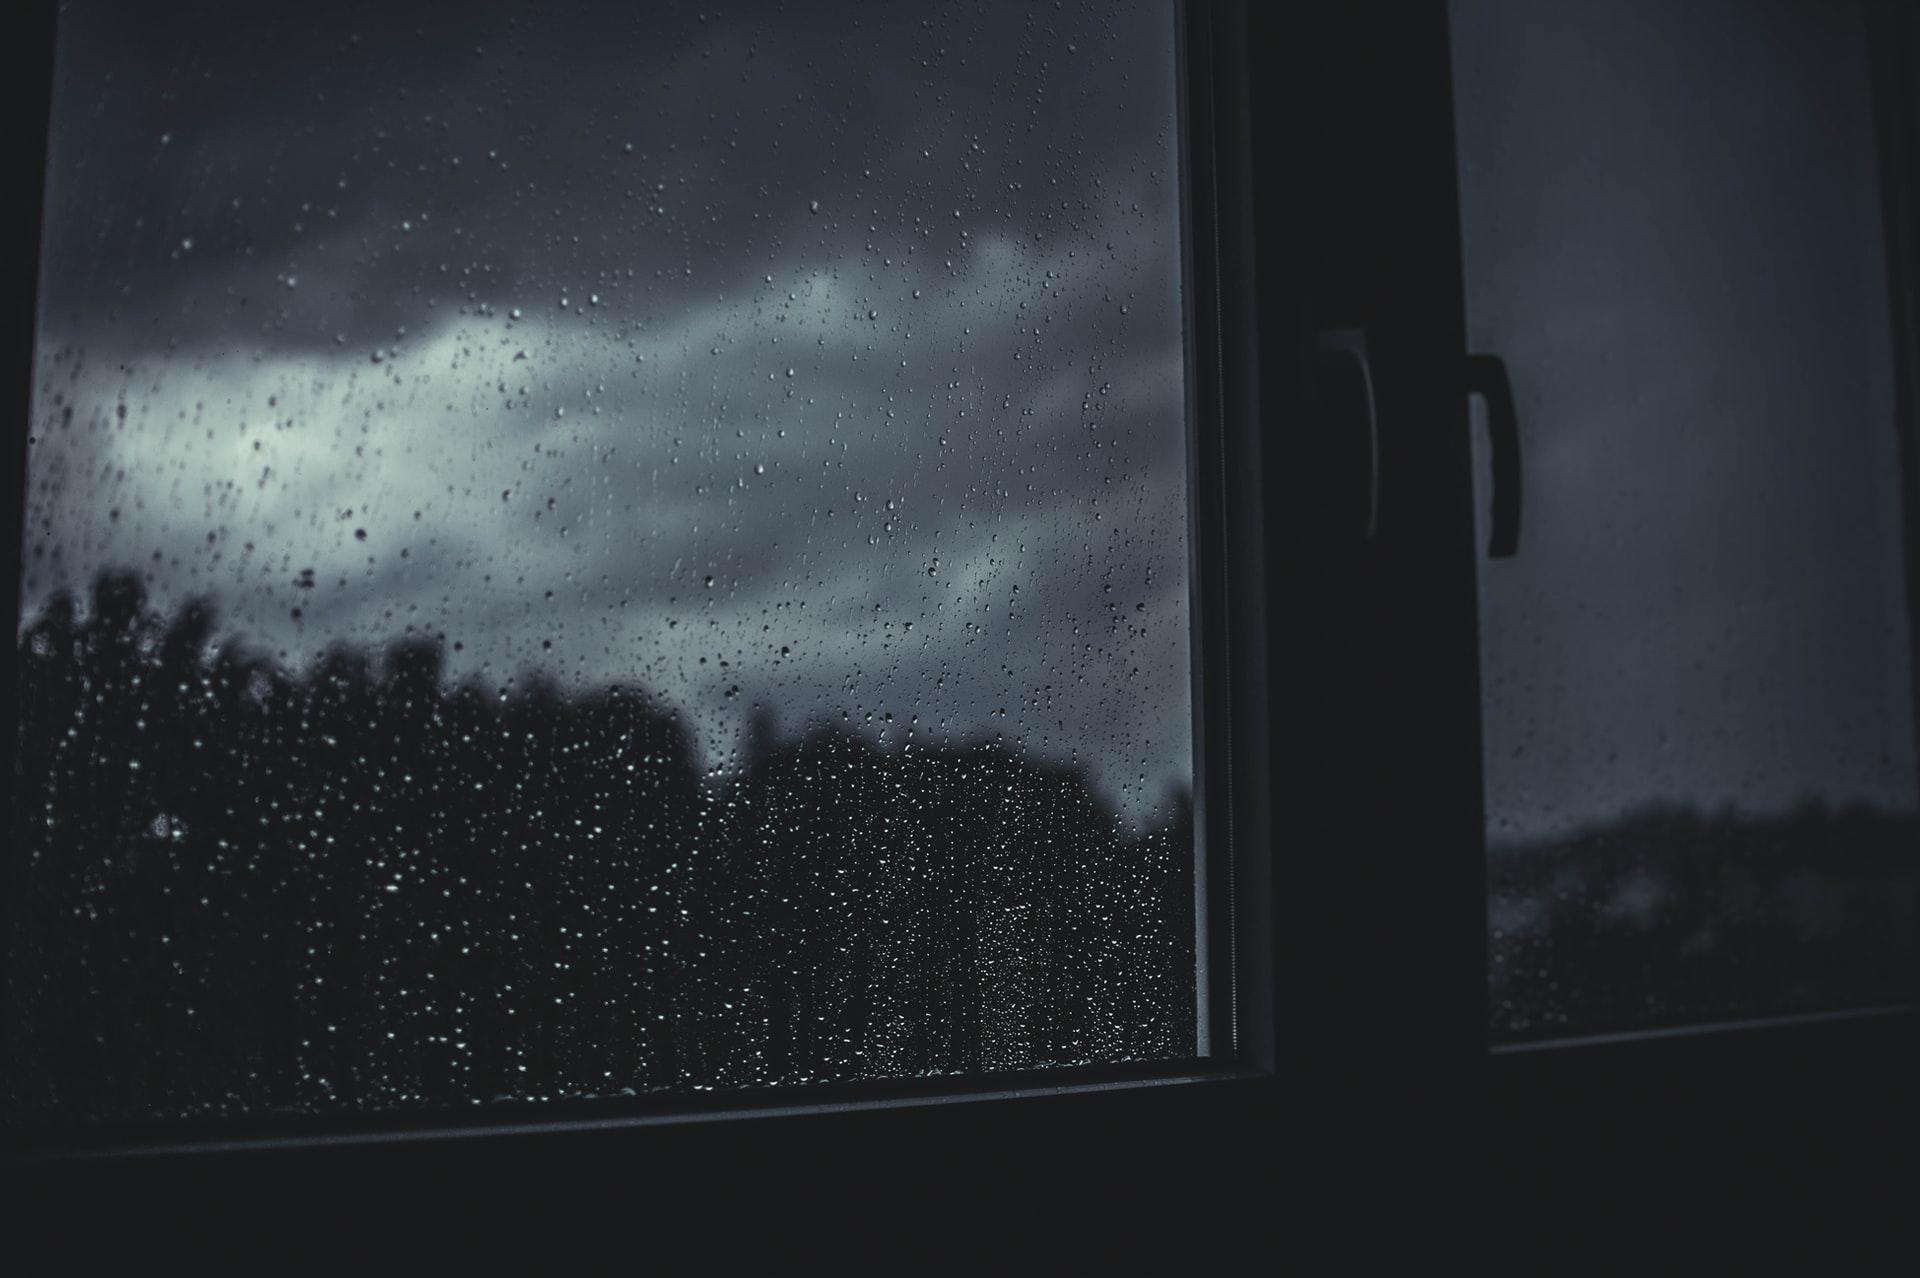 Załamanie pogody. Przed nami silny wiatr, opady deszczu i śniegu oraz burze